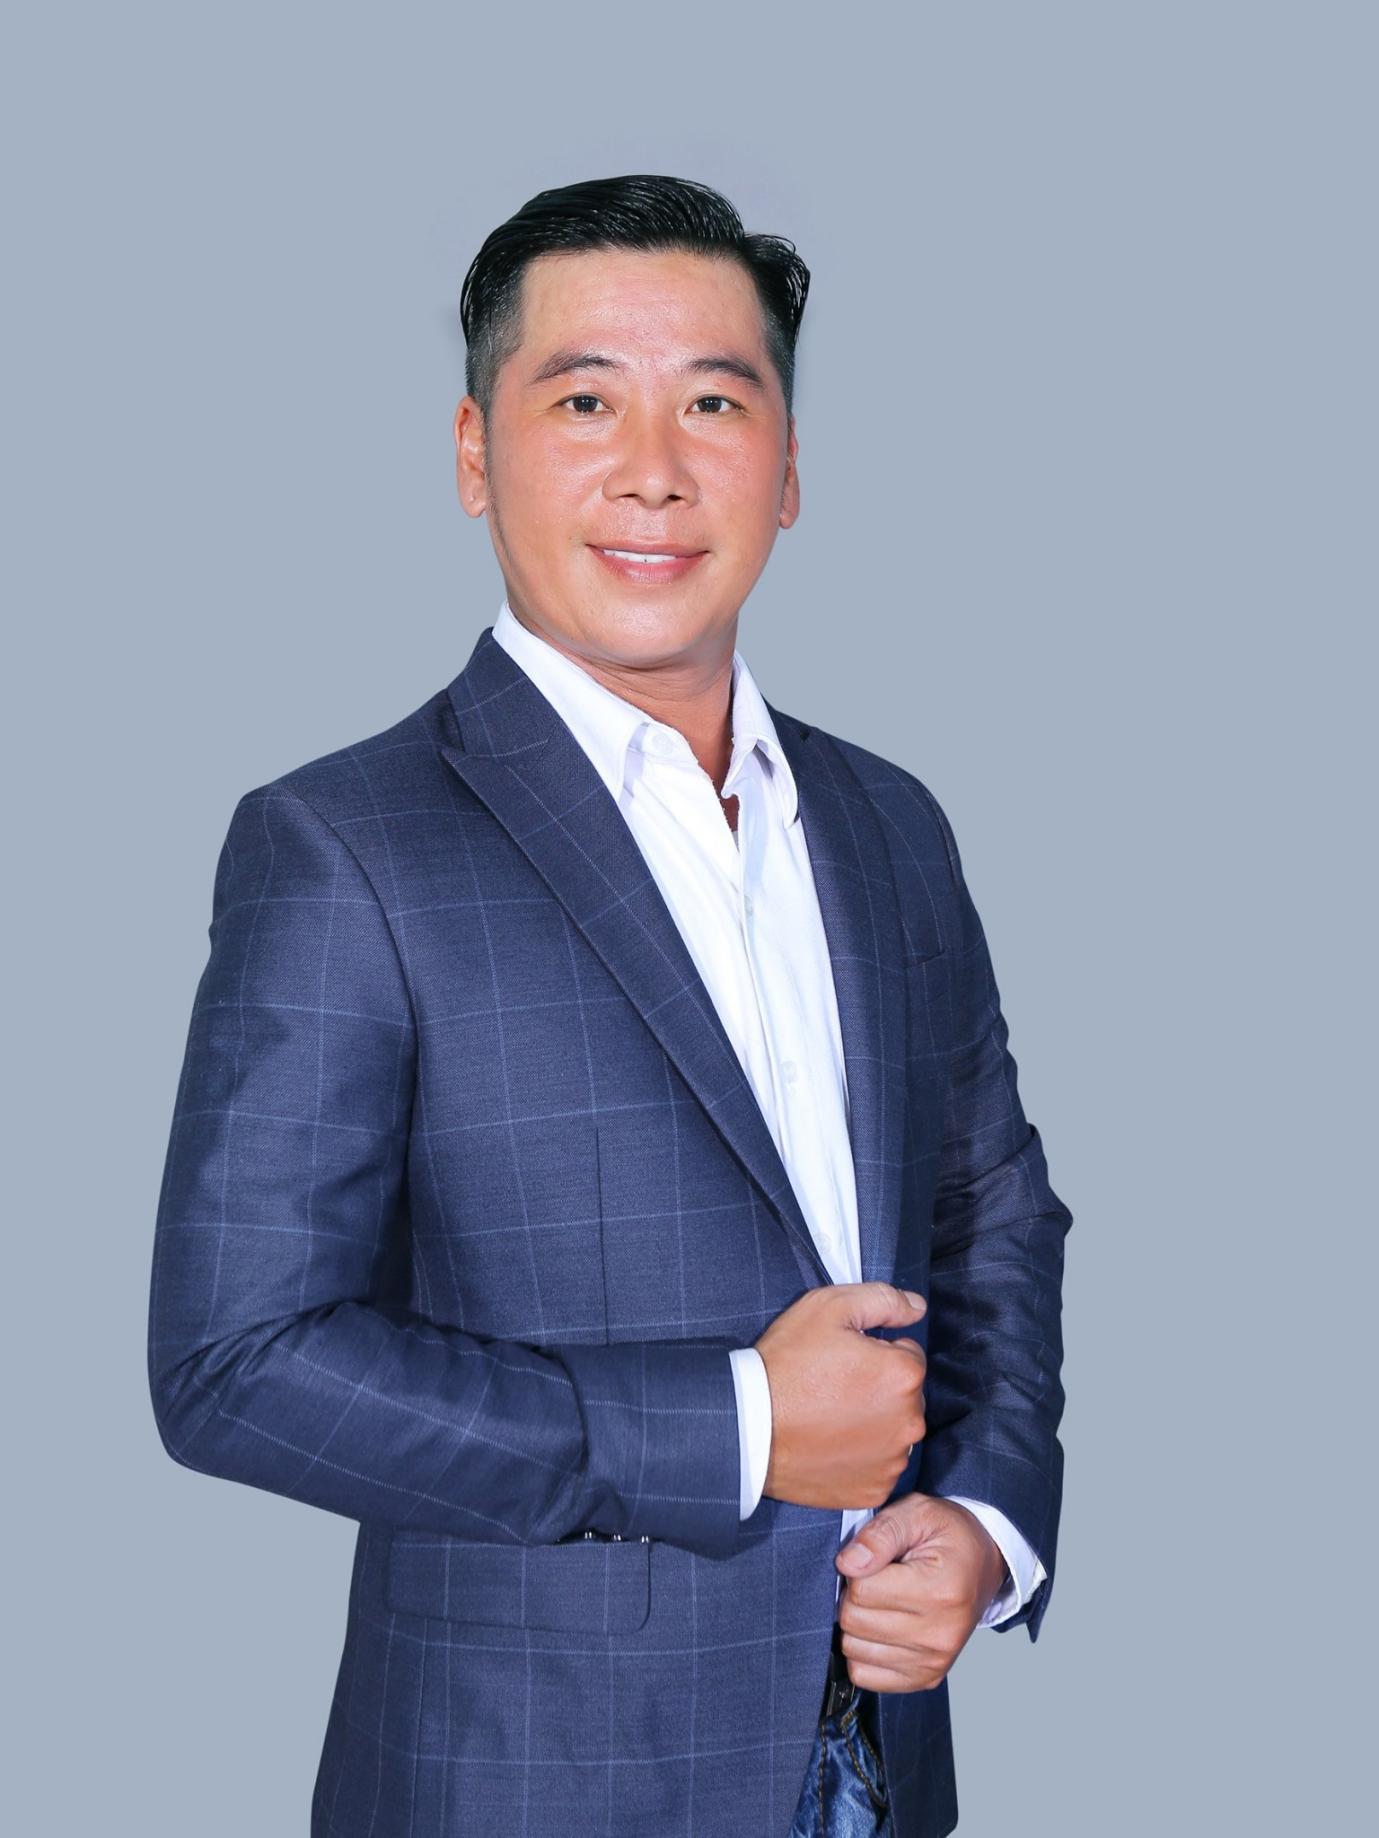 Doanh nhân Trần Lưu Bảo Đại: Gia đình luôn luôn là điểm tựa vững chắc để hướng tới thành công - Ảnh 2.